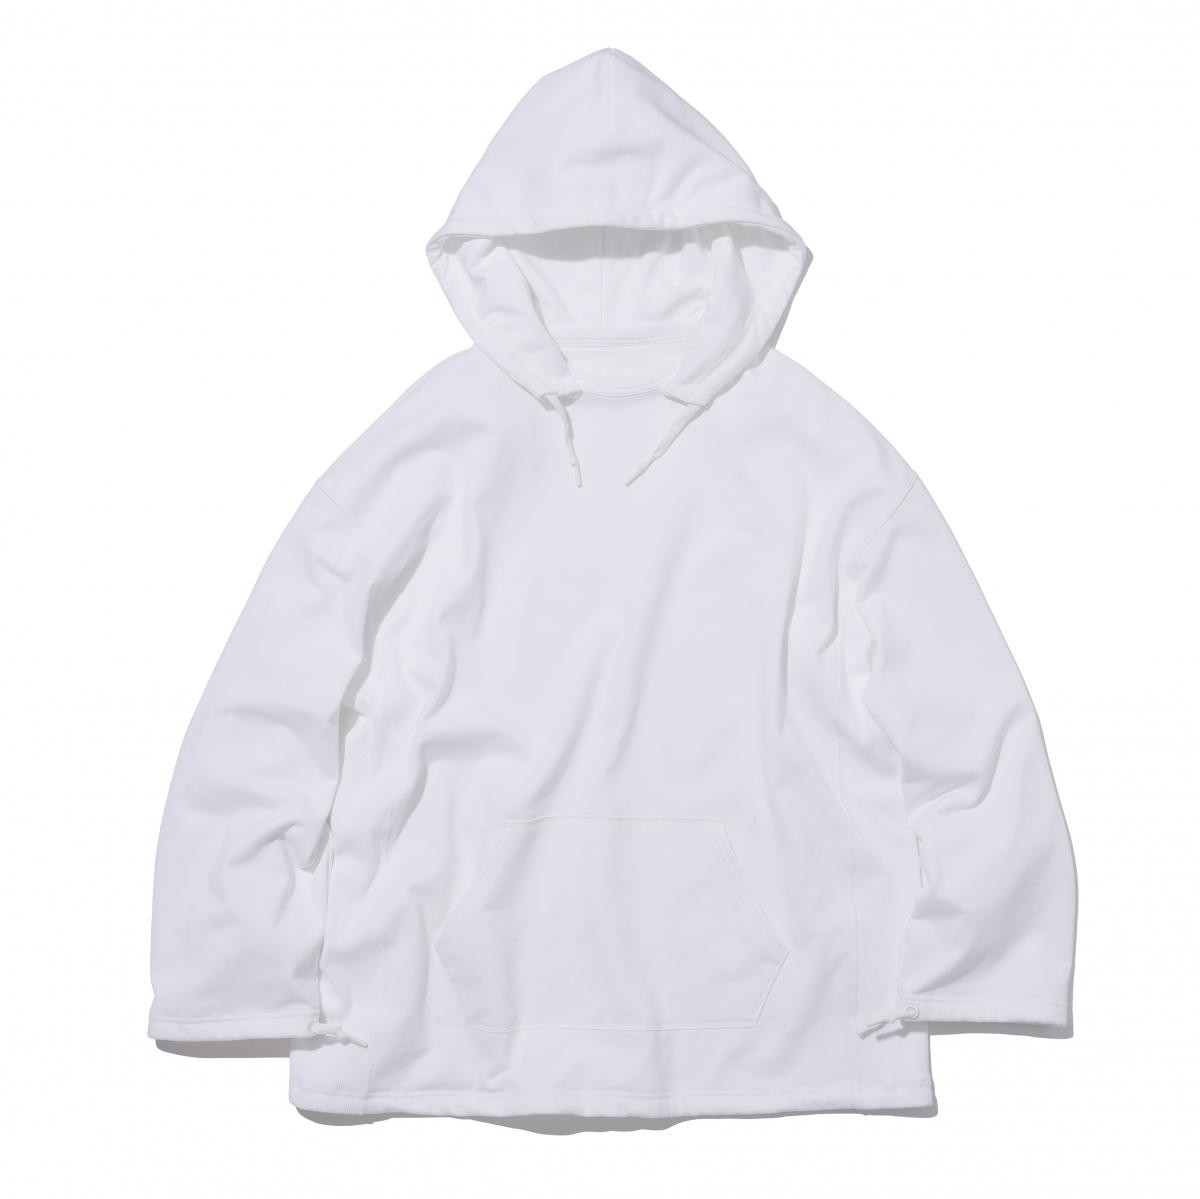 ベーシックなカラー展開がどんなシーンにも使いやすい。裾や袖口を絞ってシルエットを変えられる。 スウェットポンチョ¥19,800